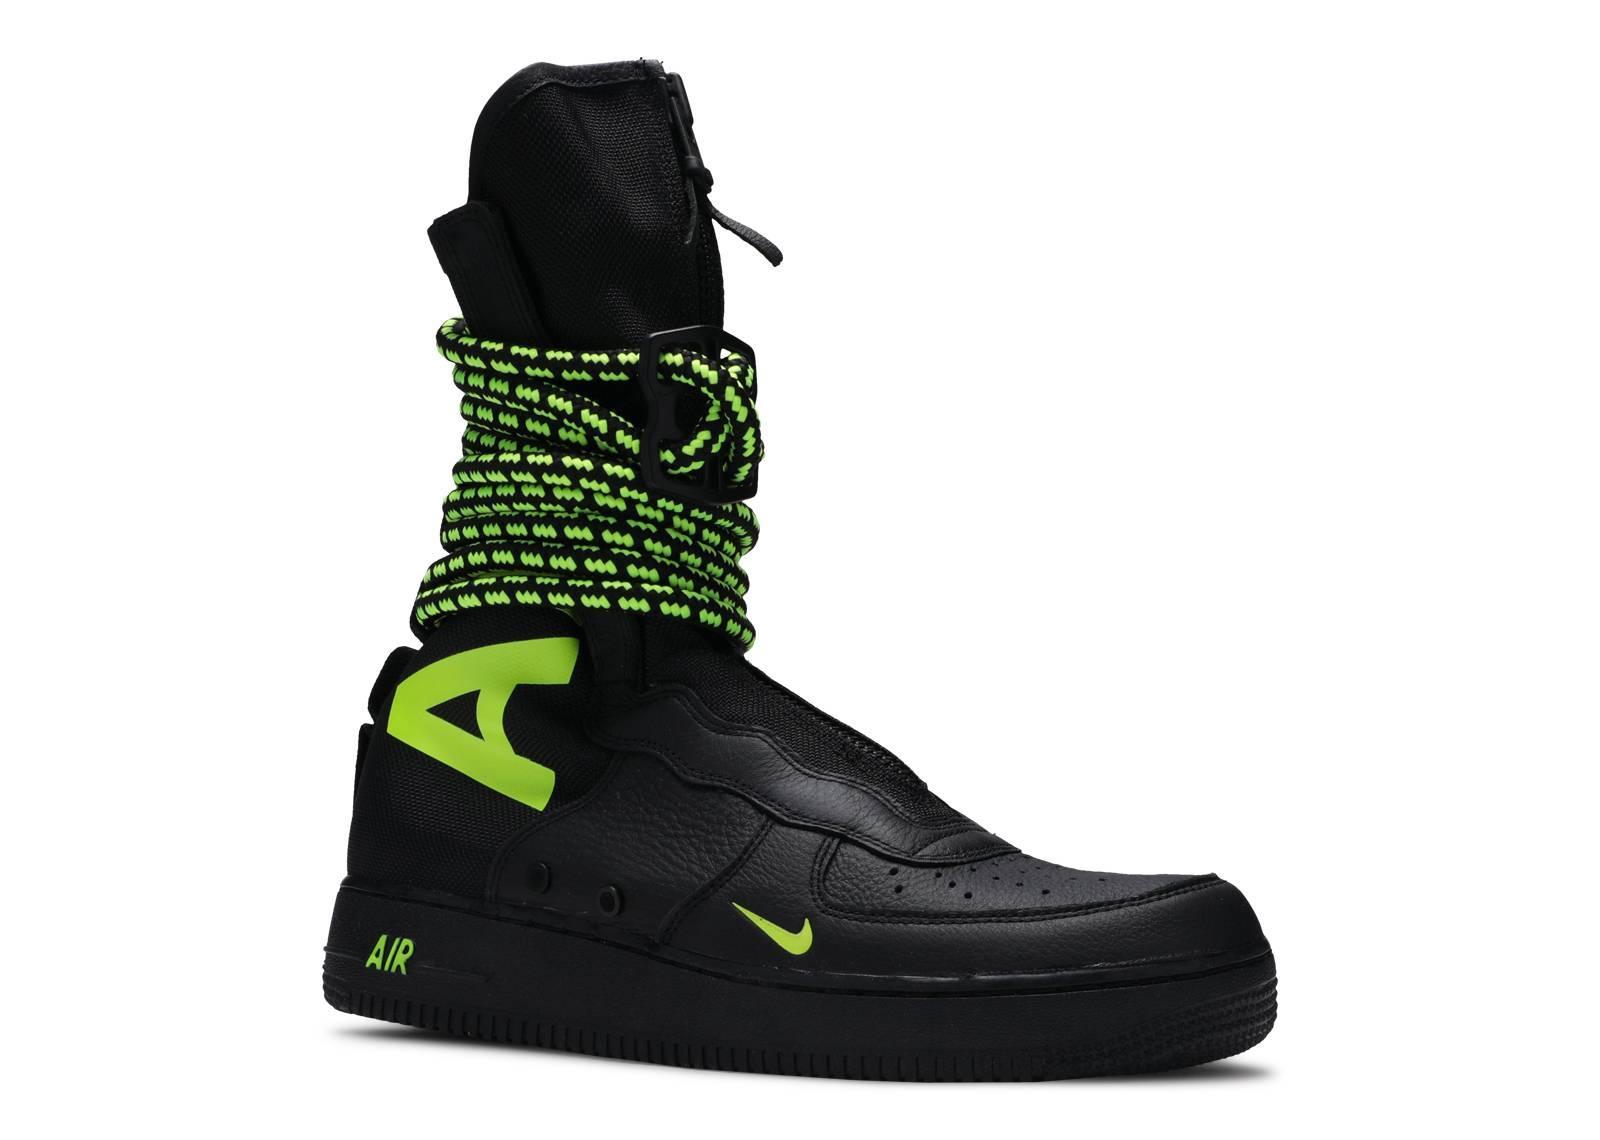 Nike Sf Air Force 1 High Black Volt for